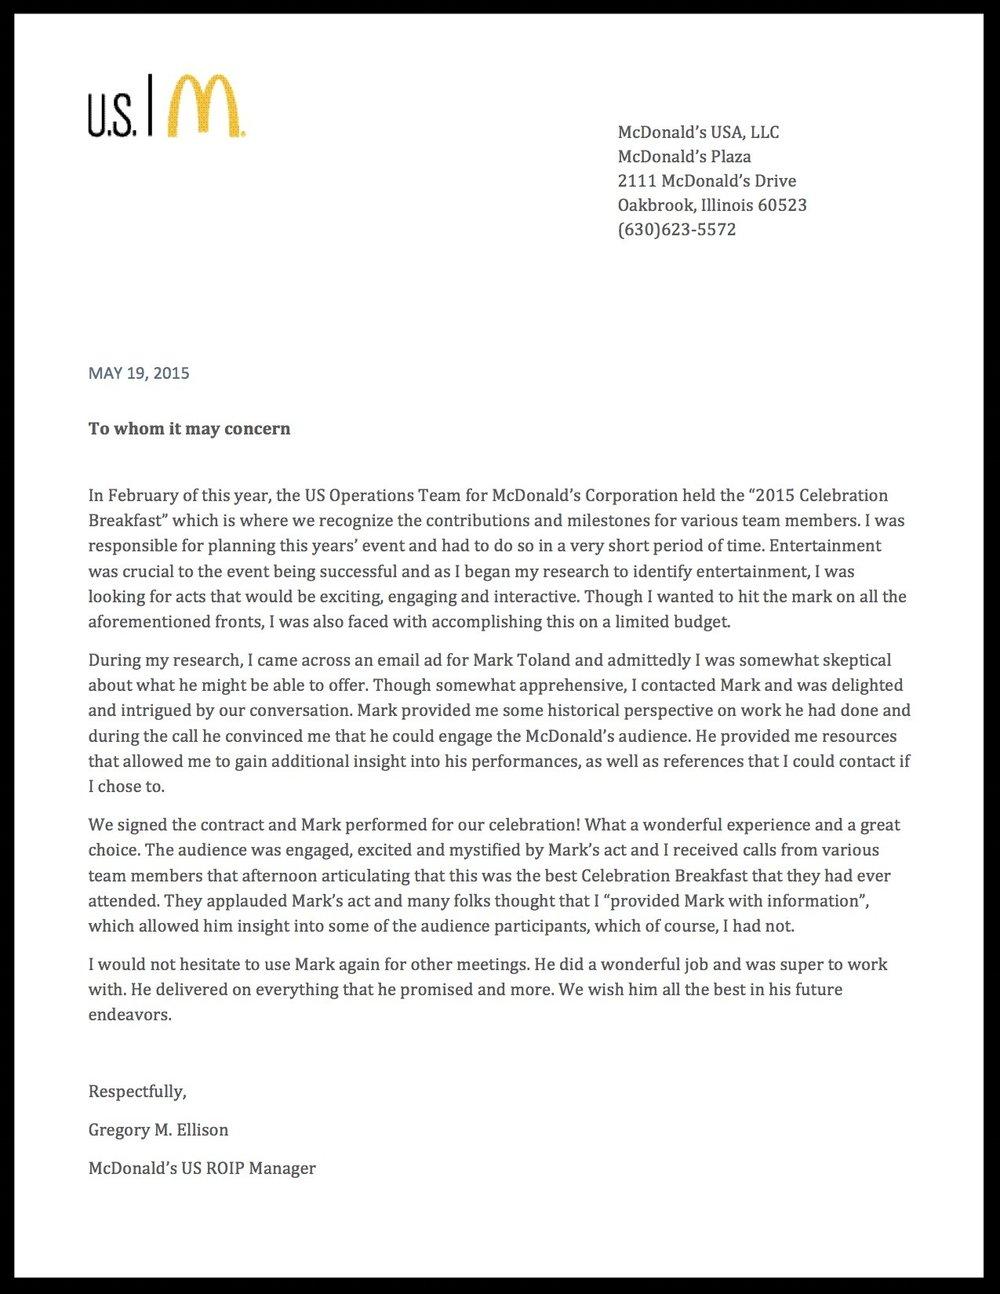 McDonald's Rec Letter.jpg